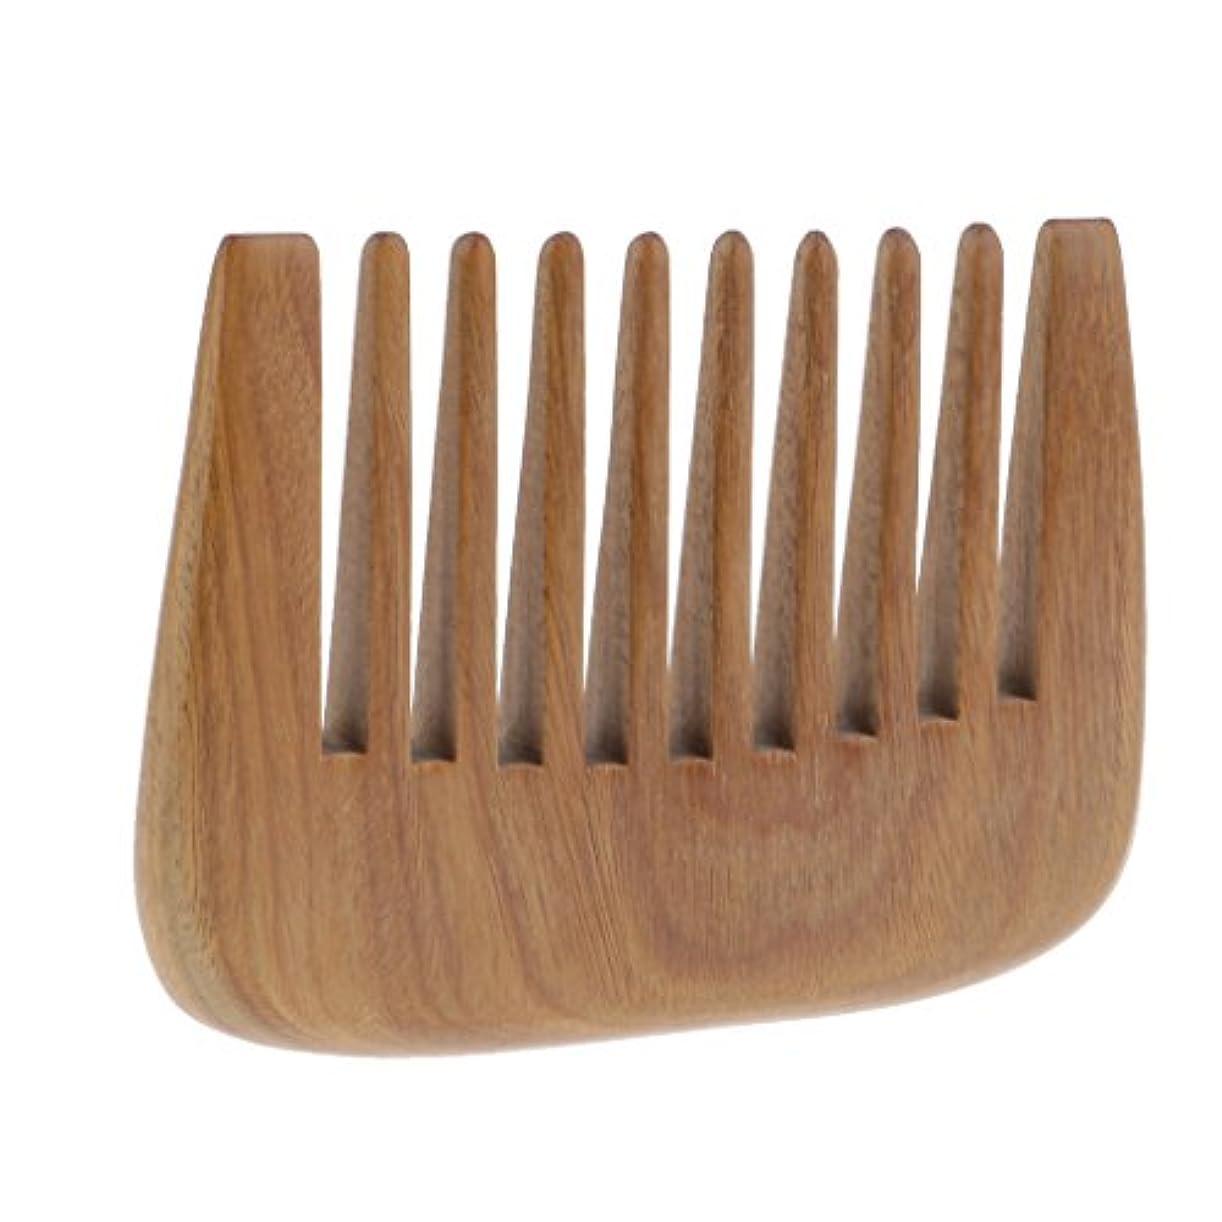 を通してカートリッジワゴングリーンサンダルウッドのひげの櫛 - 広い歯ポケット櫛 - いいえ男性&女性のための静的ナチュラルアロマ木製グルーミングコーム